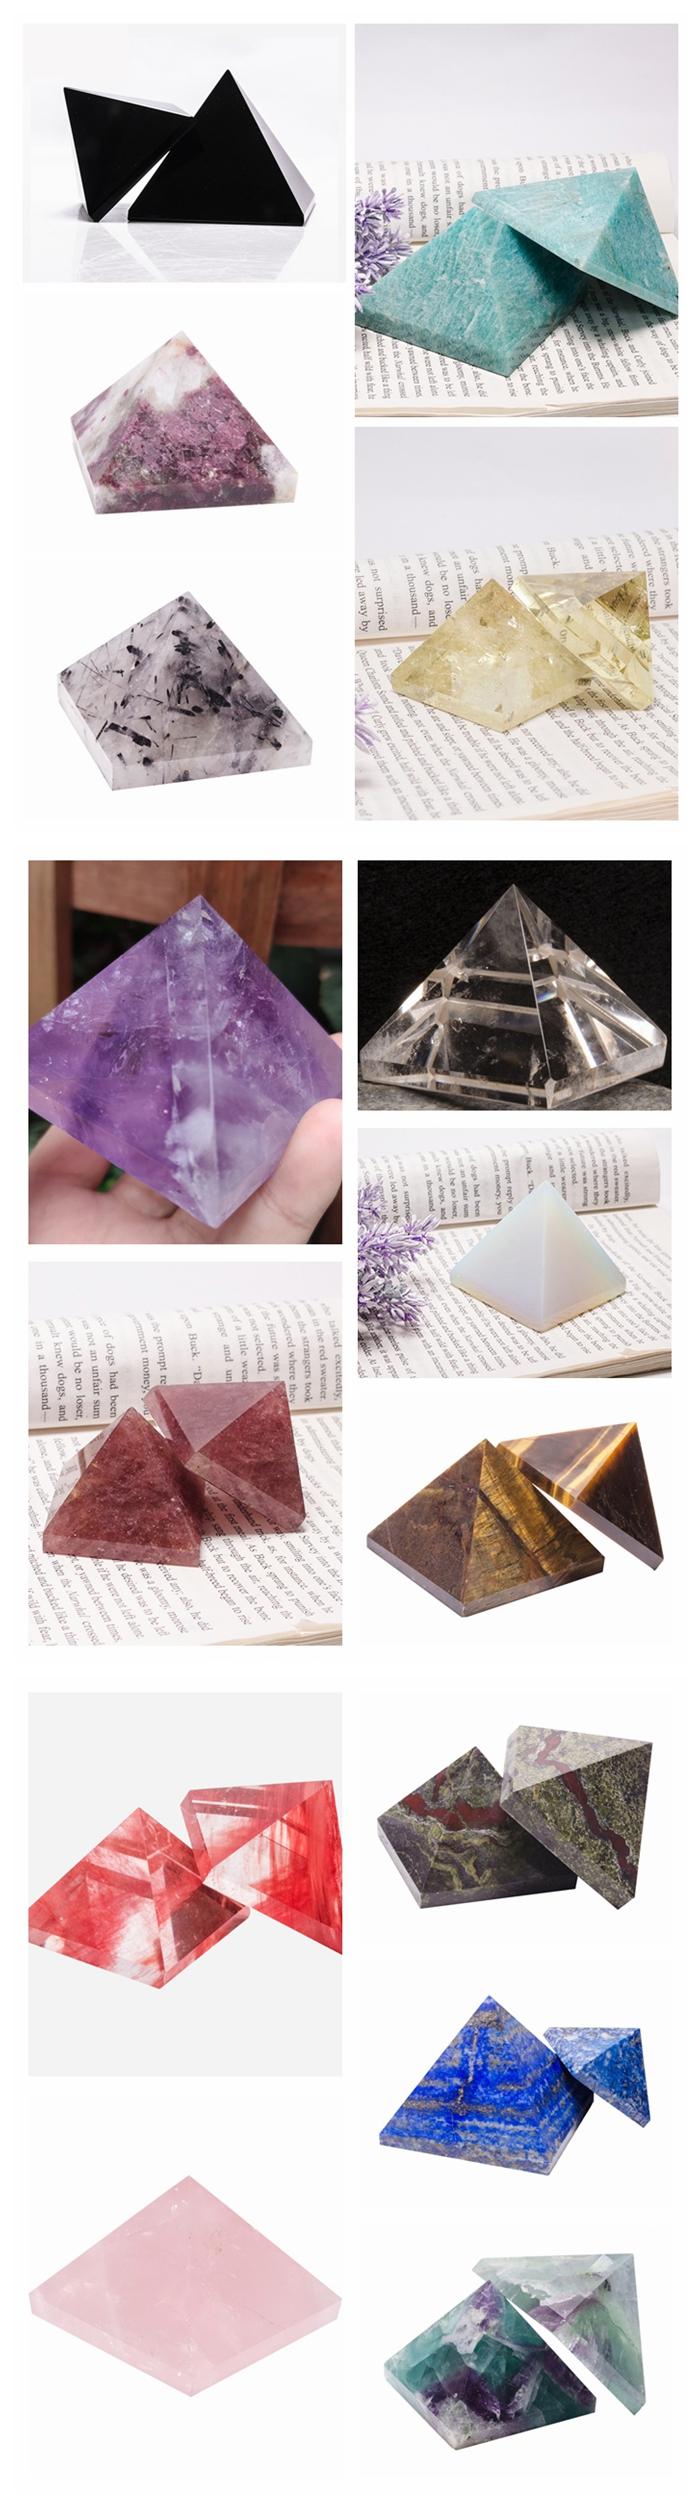 हीलिंग रेकी शीर्ष गुणवत्ता पॉलिश क्रिस्टल क्वार्ट्ज लाल टूमलाइन पिरामिड